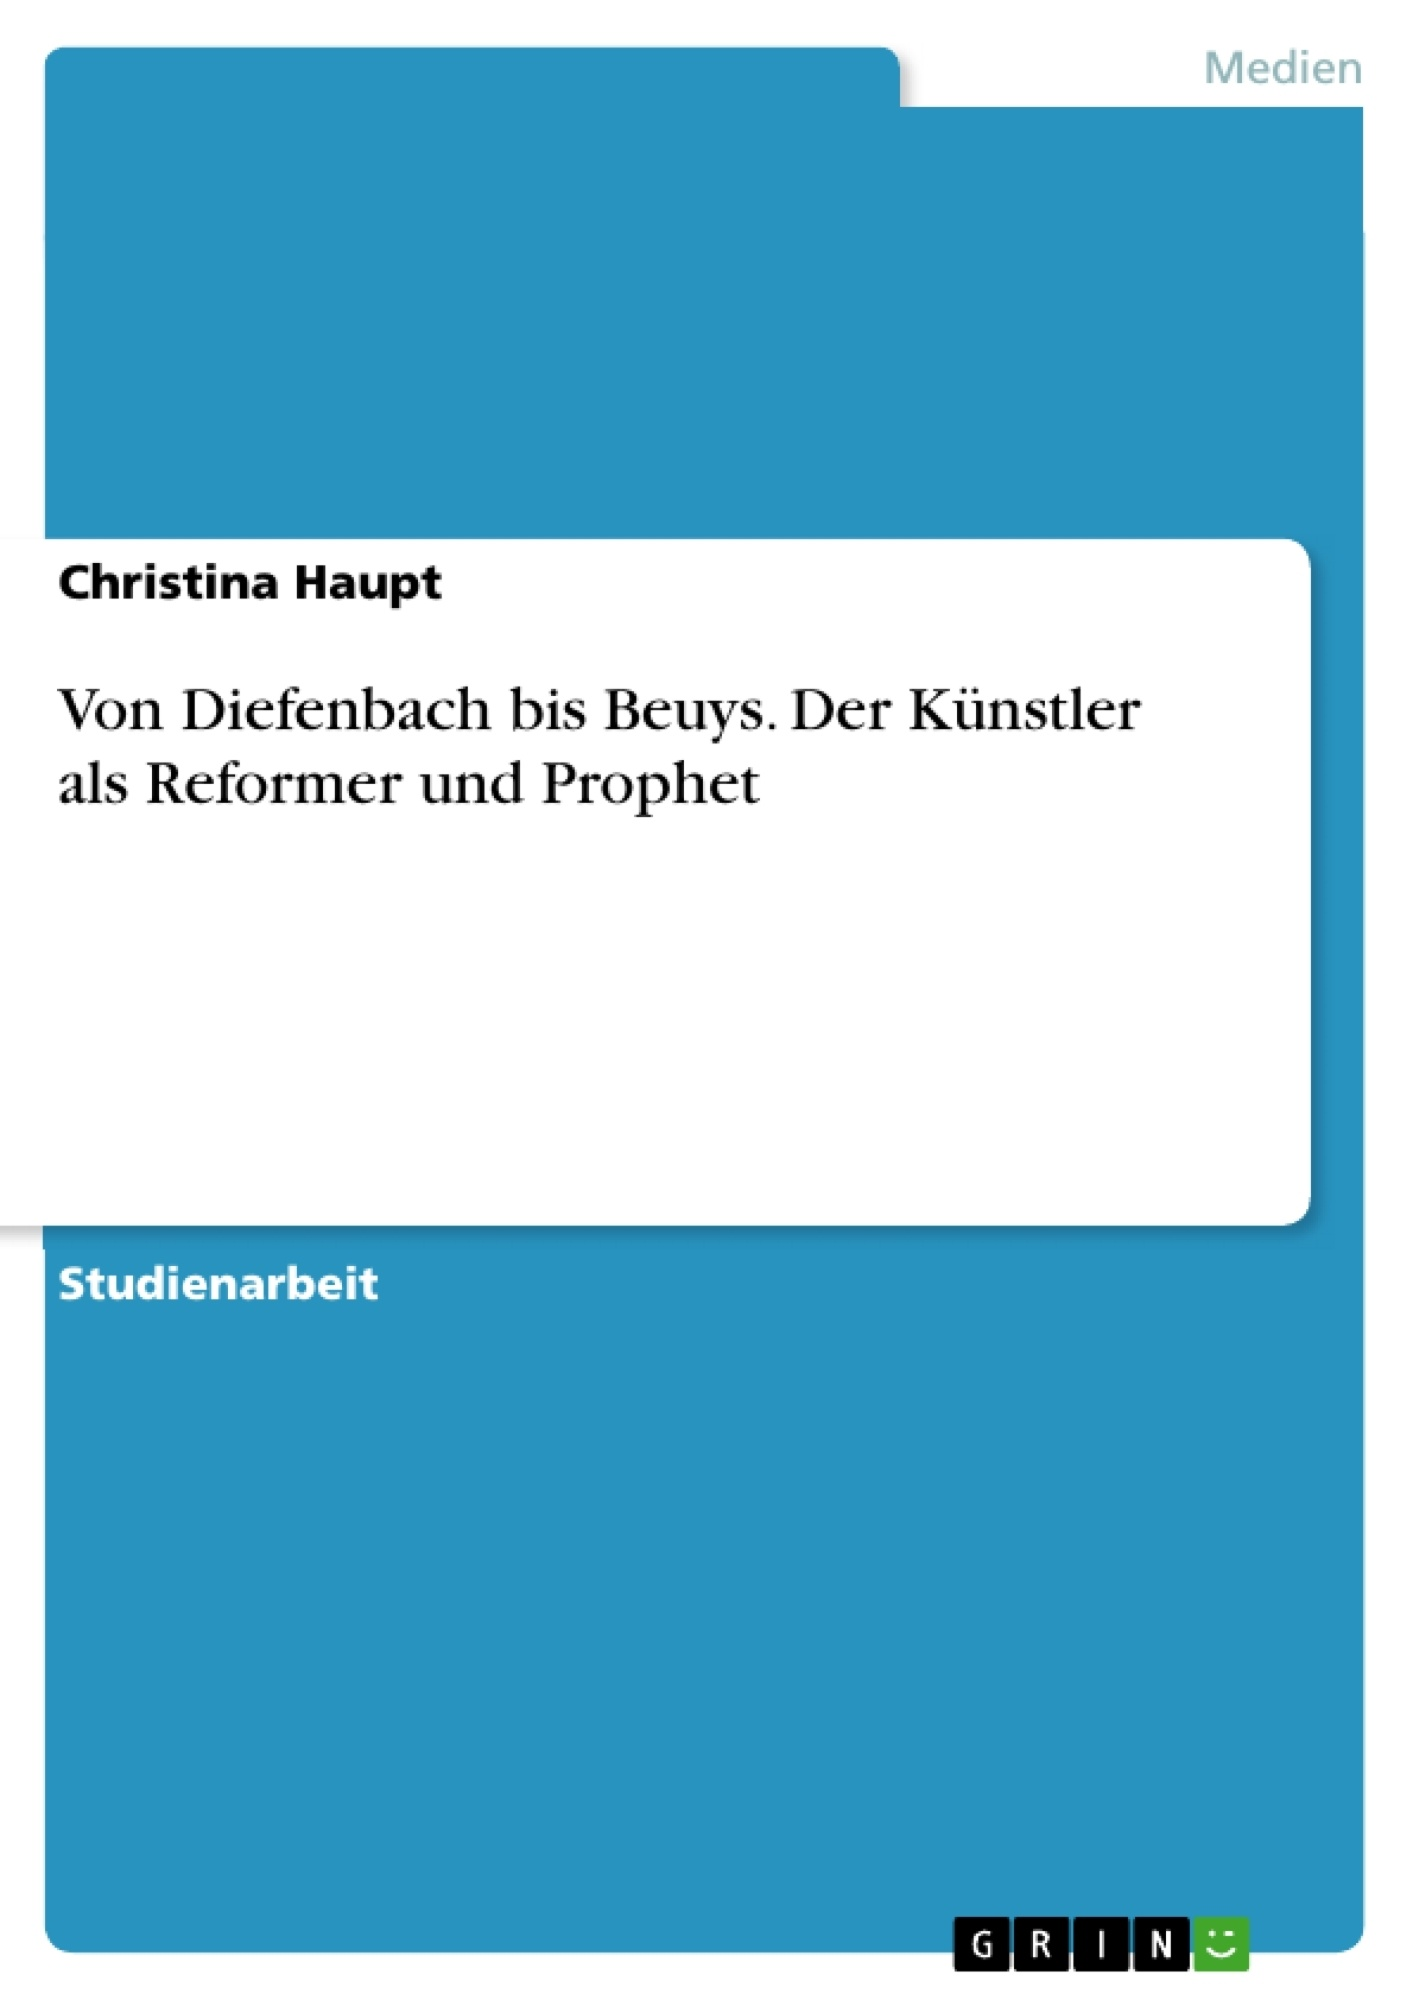 Titel: Von Diefenbach bis Beuys. Der Künstler als Reformer und Prophet